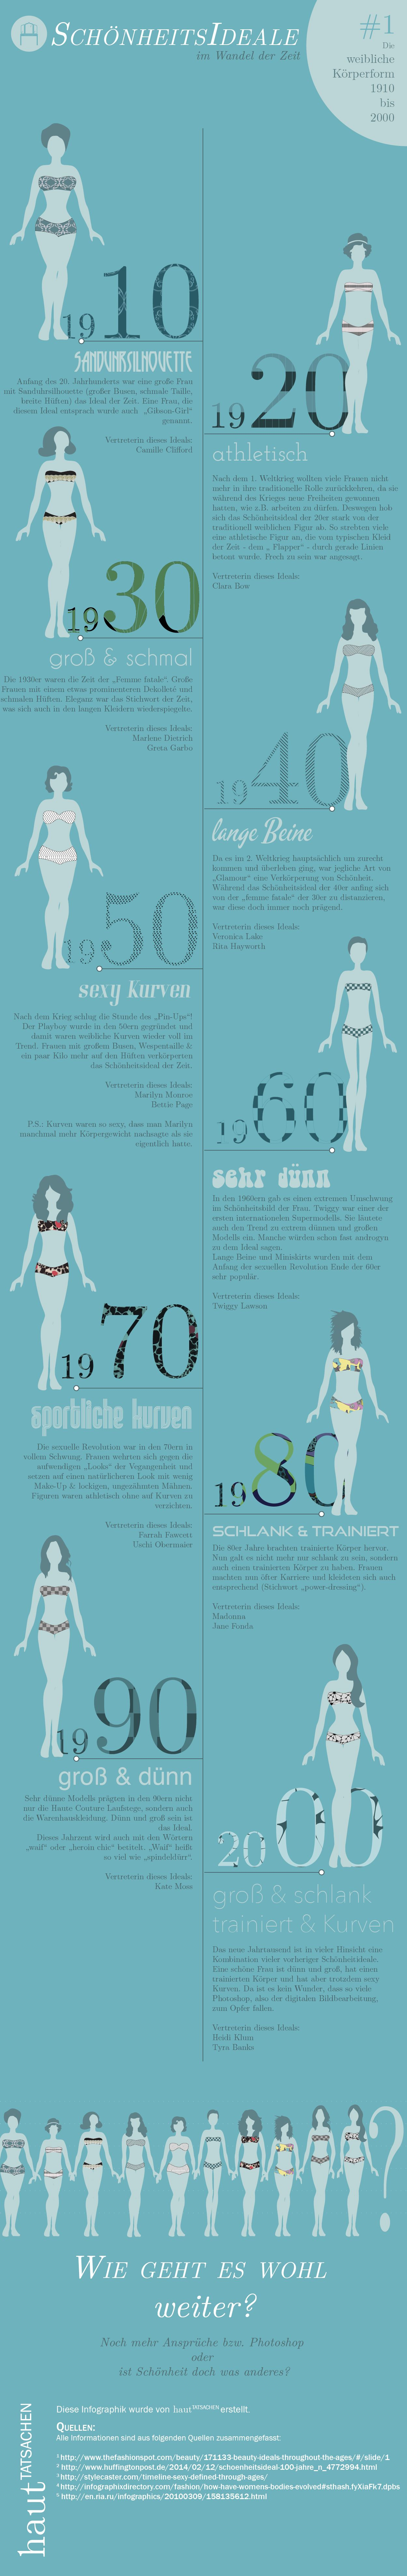 Diese Infografik zeigt wie Schönheitsideale sich im Laufe der Zeit